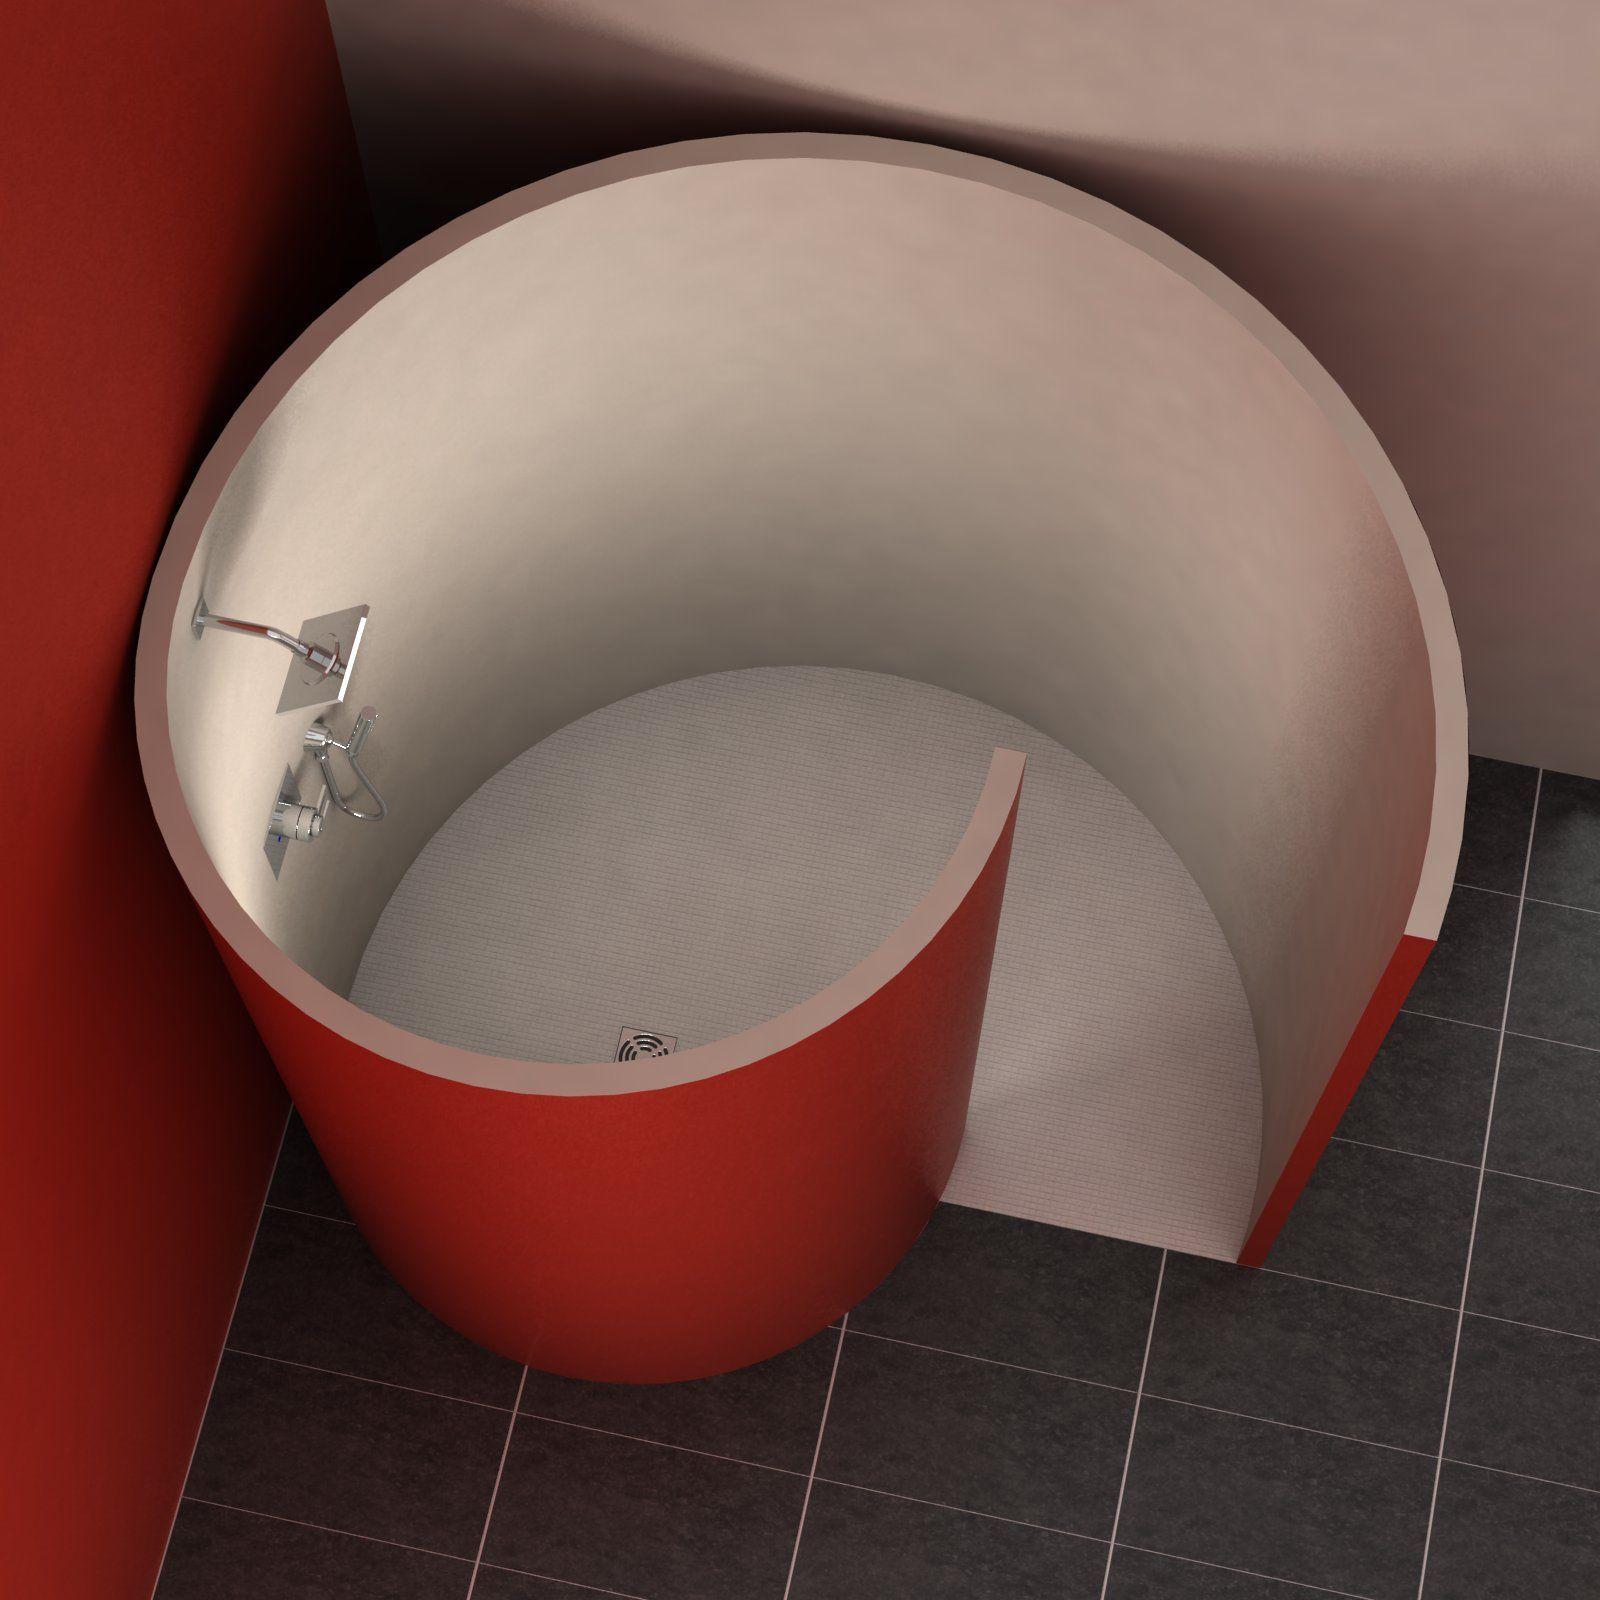 Schneckendusche 190x157 5 Cm Dusche Offenes Badezimmer Diy Dusche